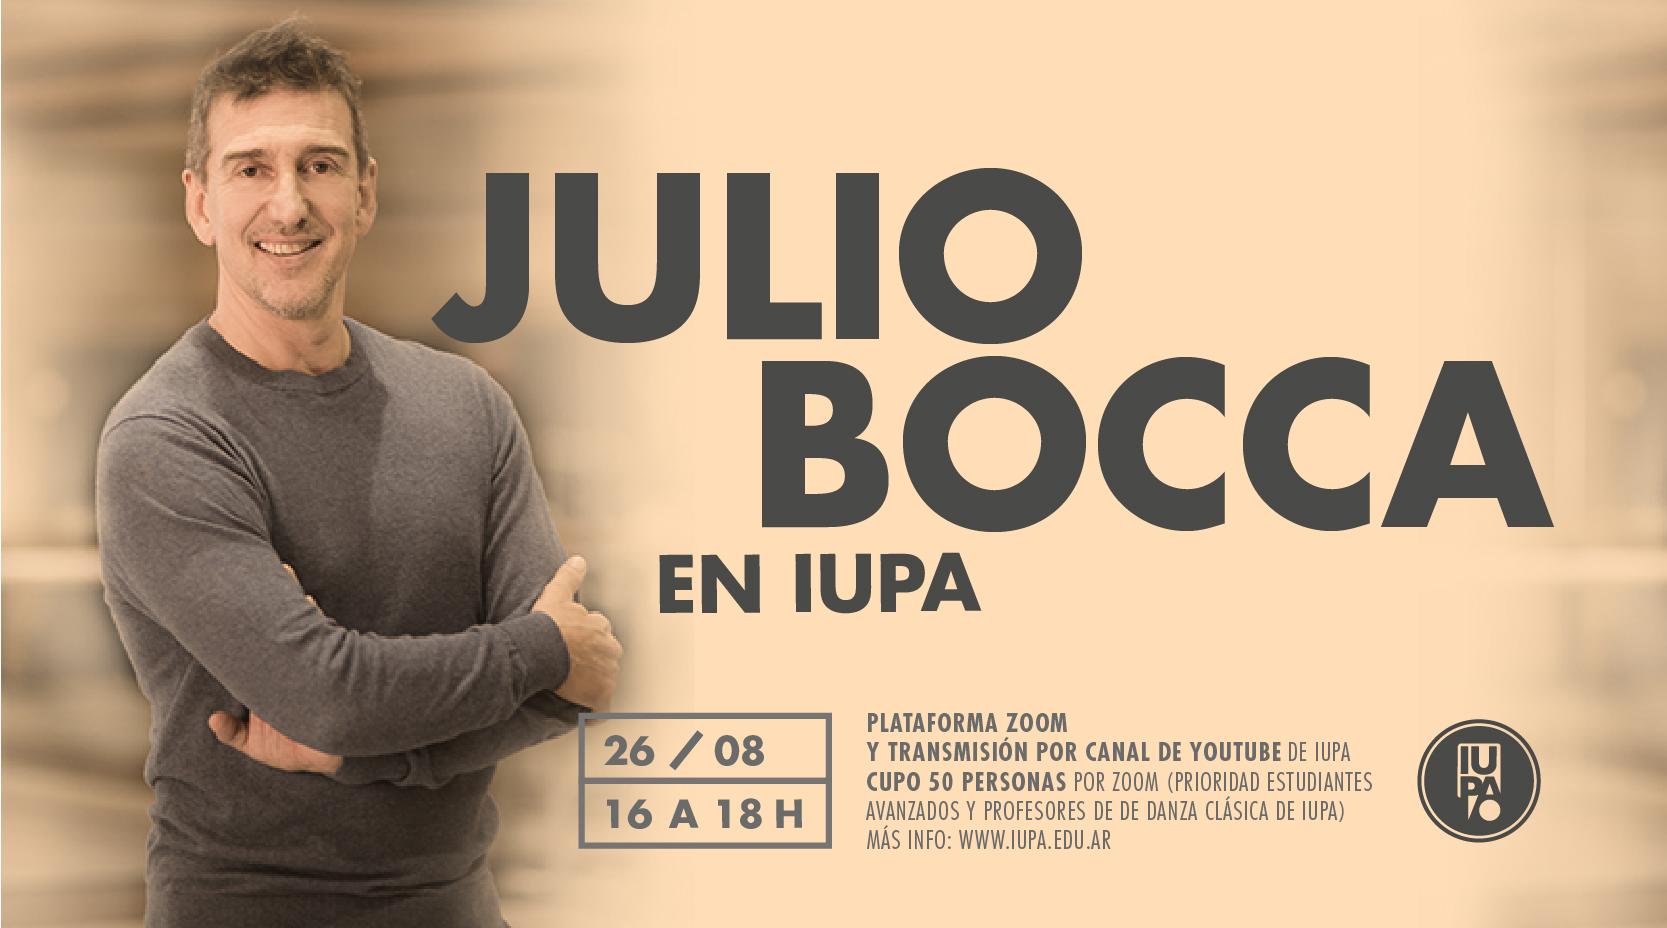 Julio Bocca en IUPA